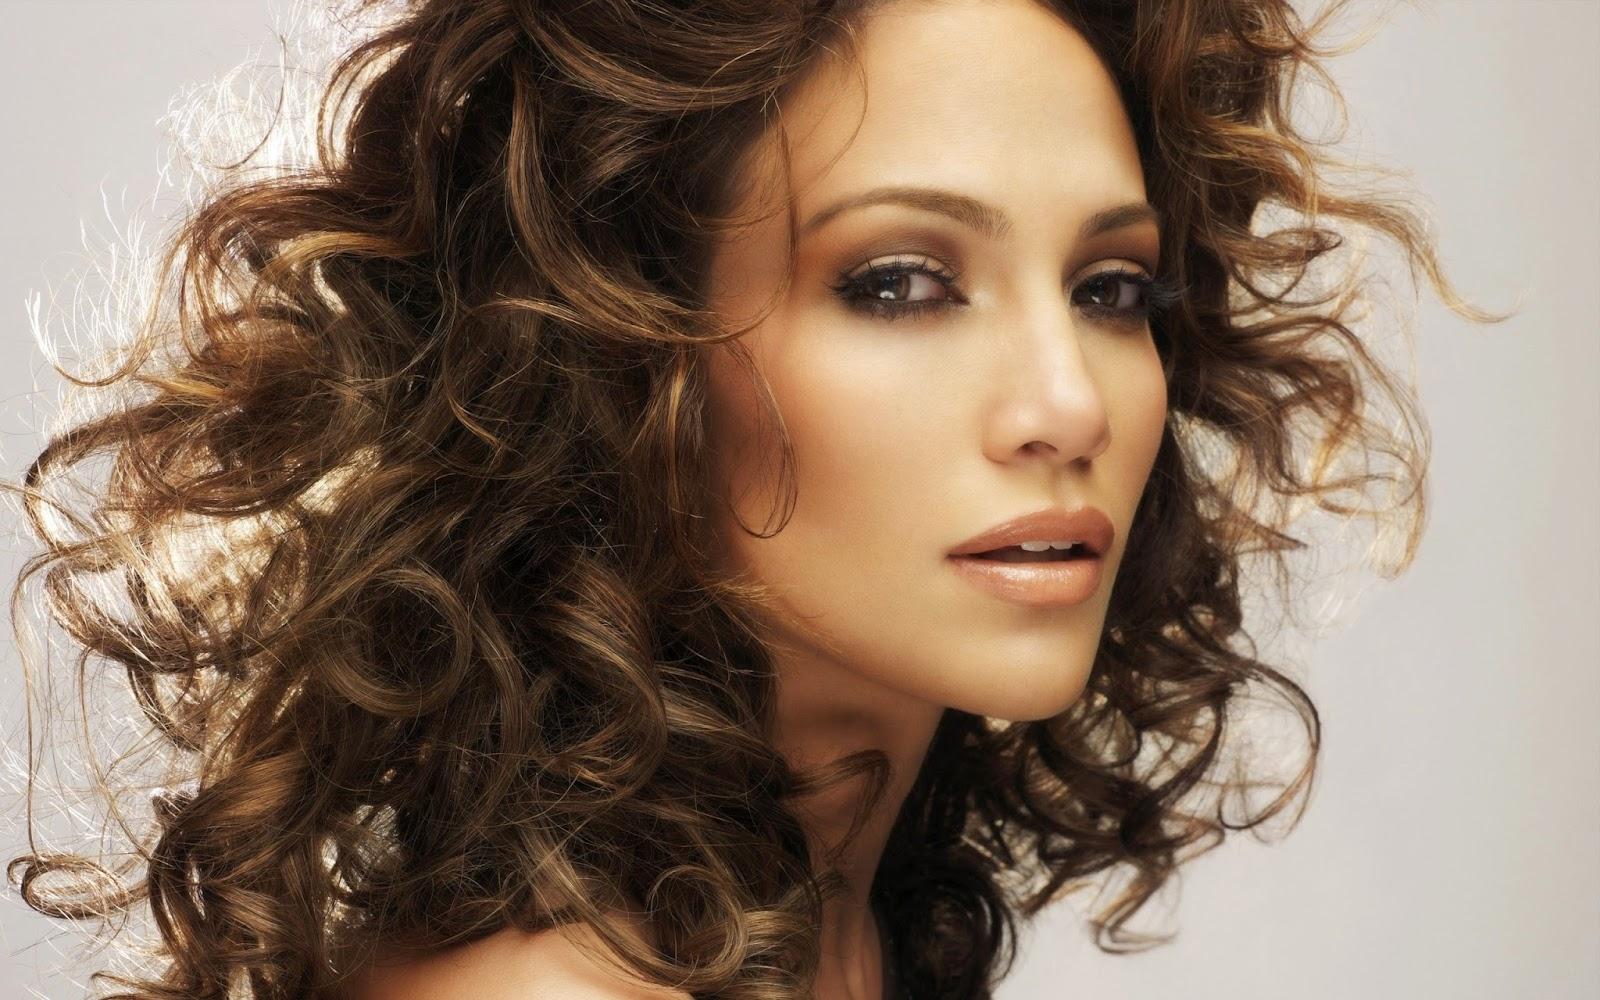 На какие волосы делают долговременную укладку чистые или грязные